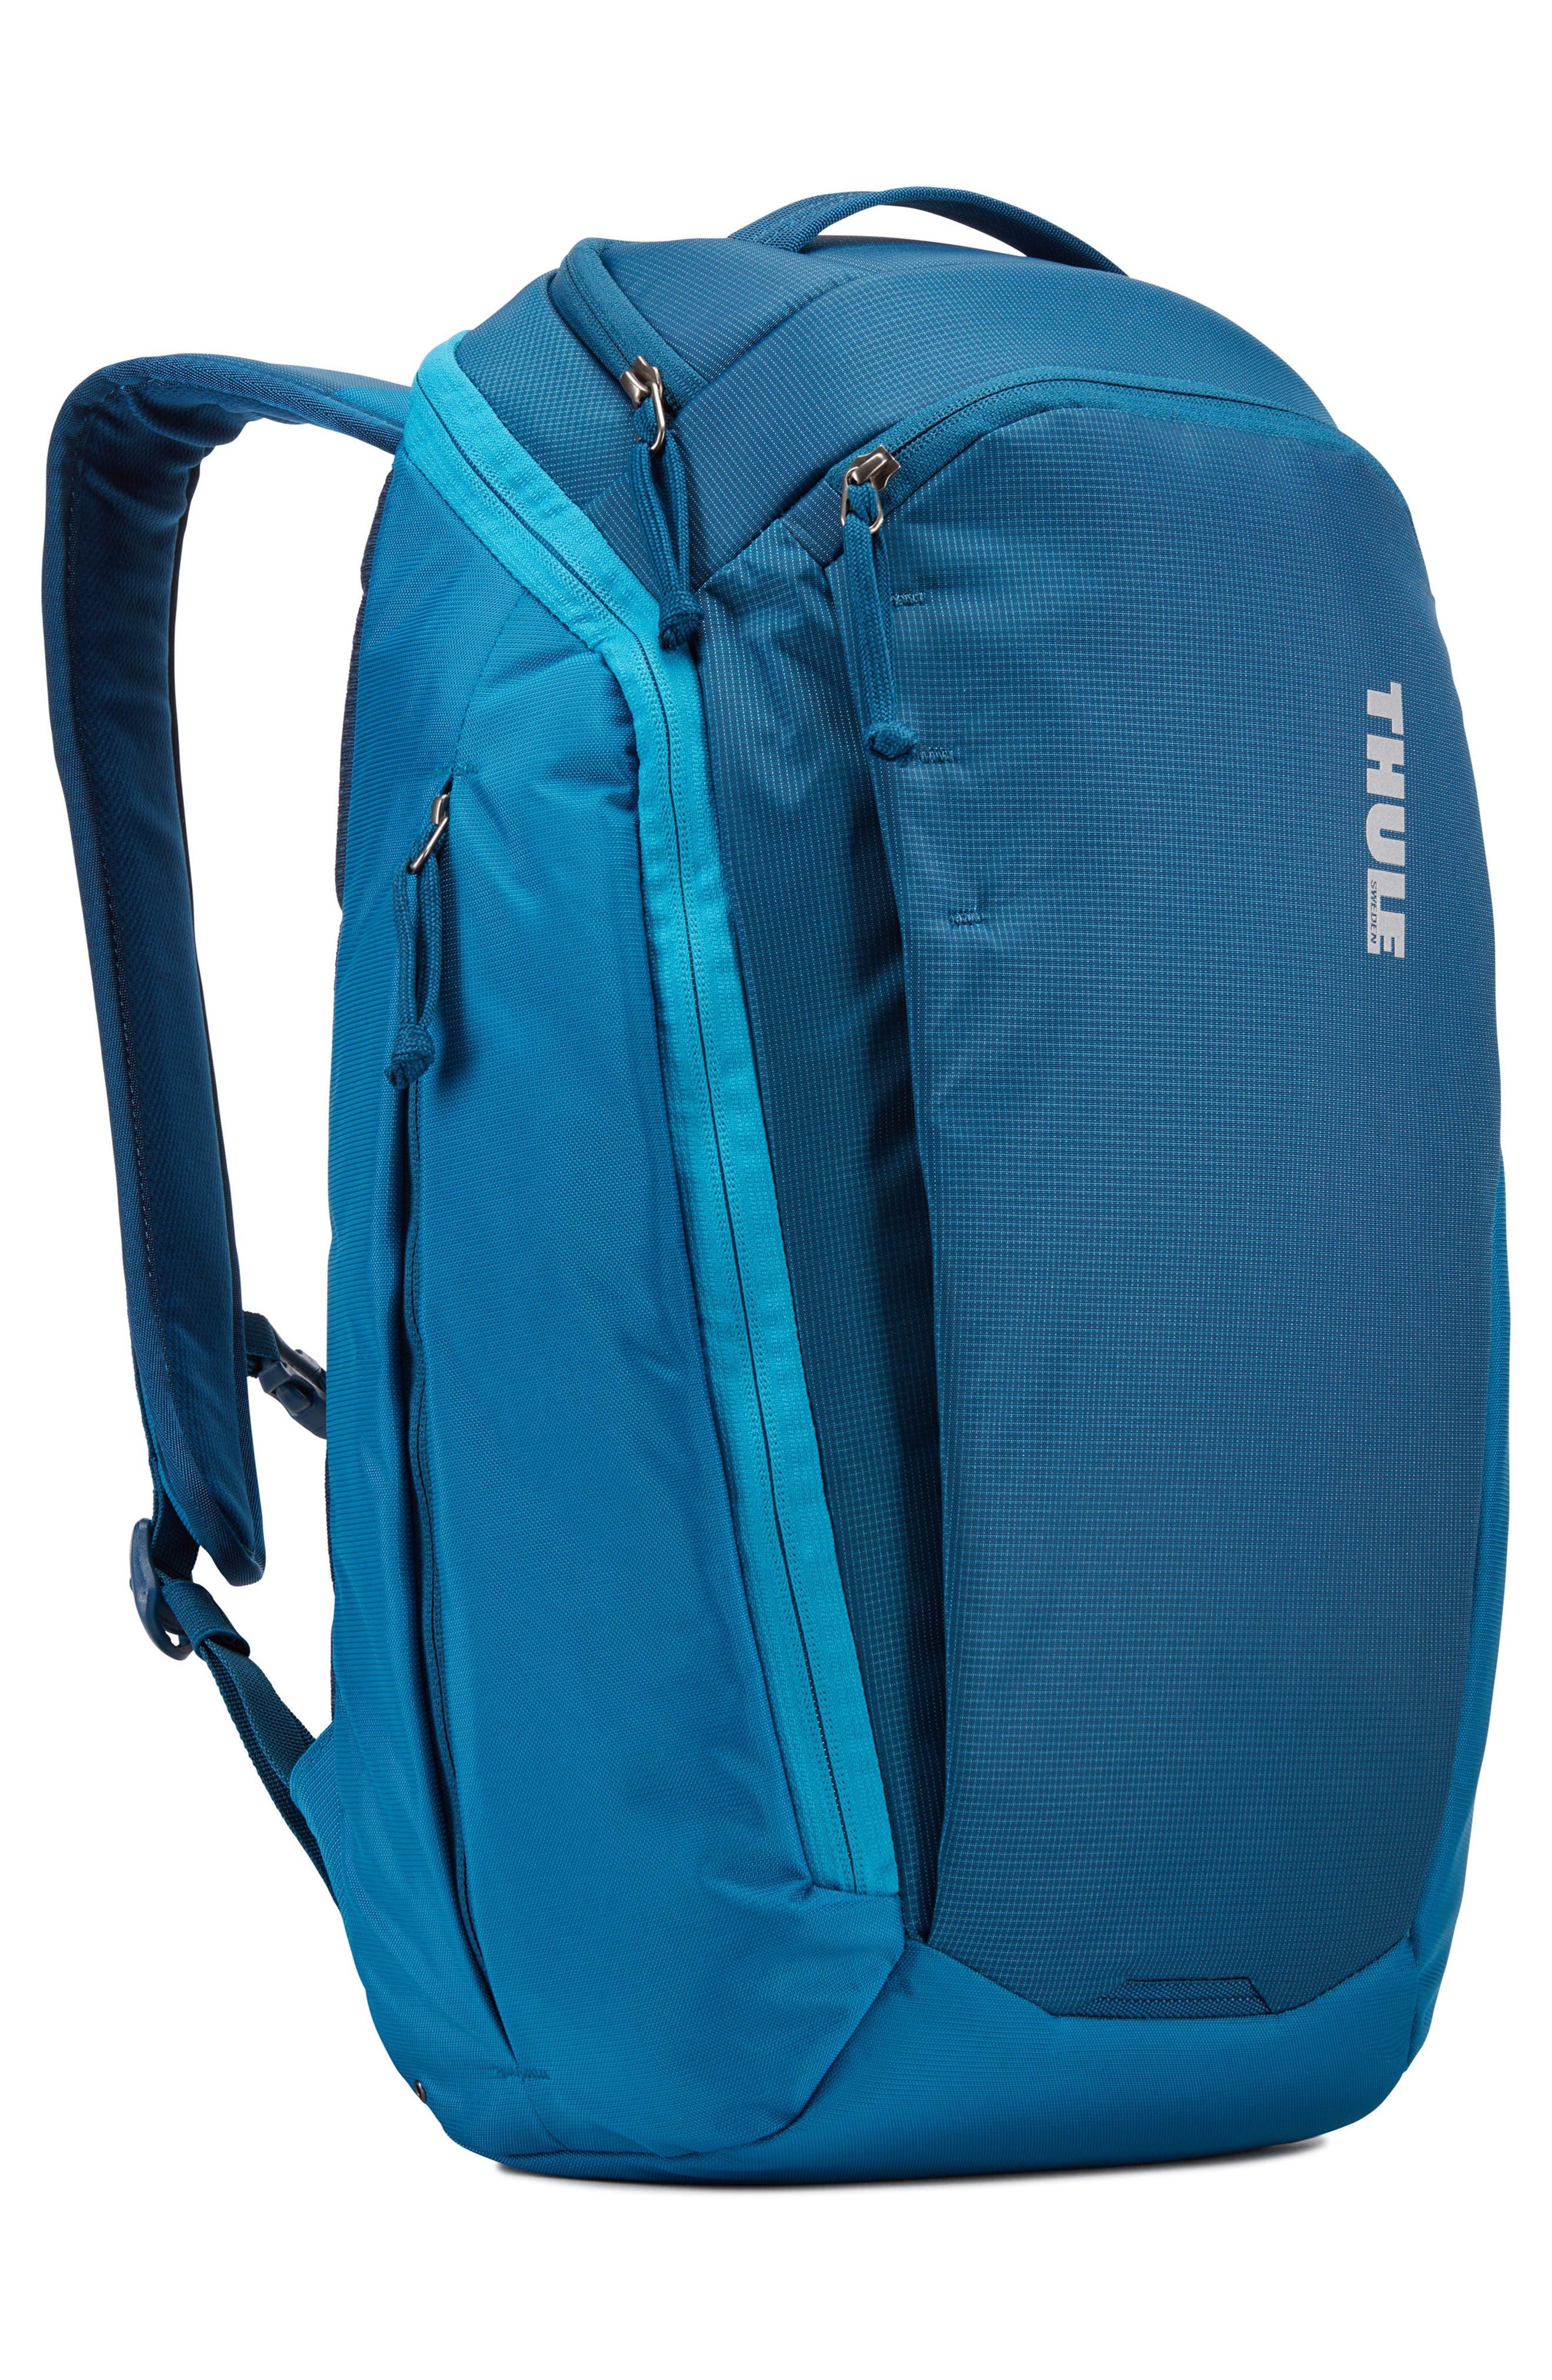 EnRoute Backpack,                             Alternate thumbnail 4, color,                             POSEIDON